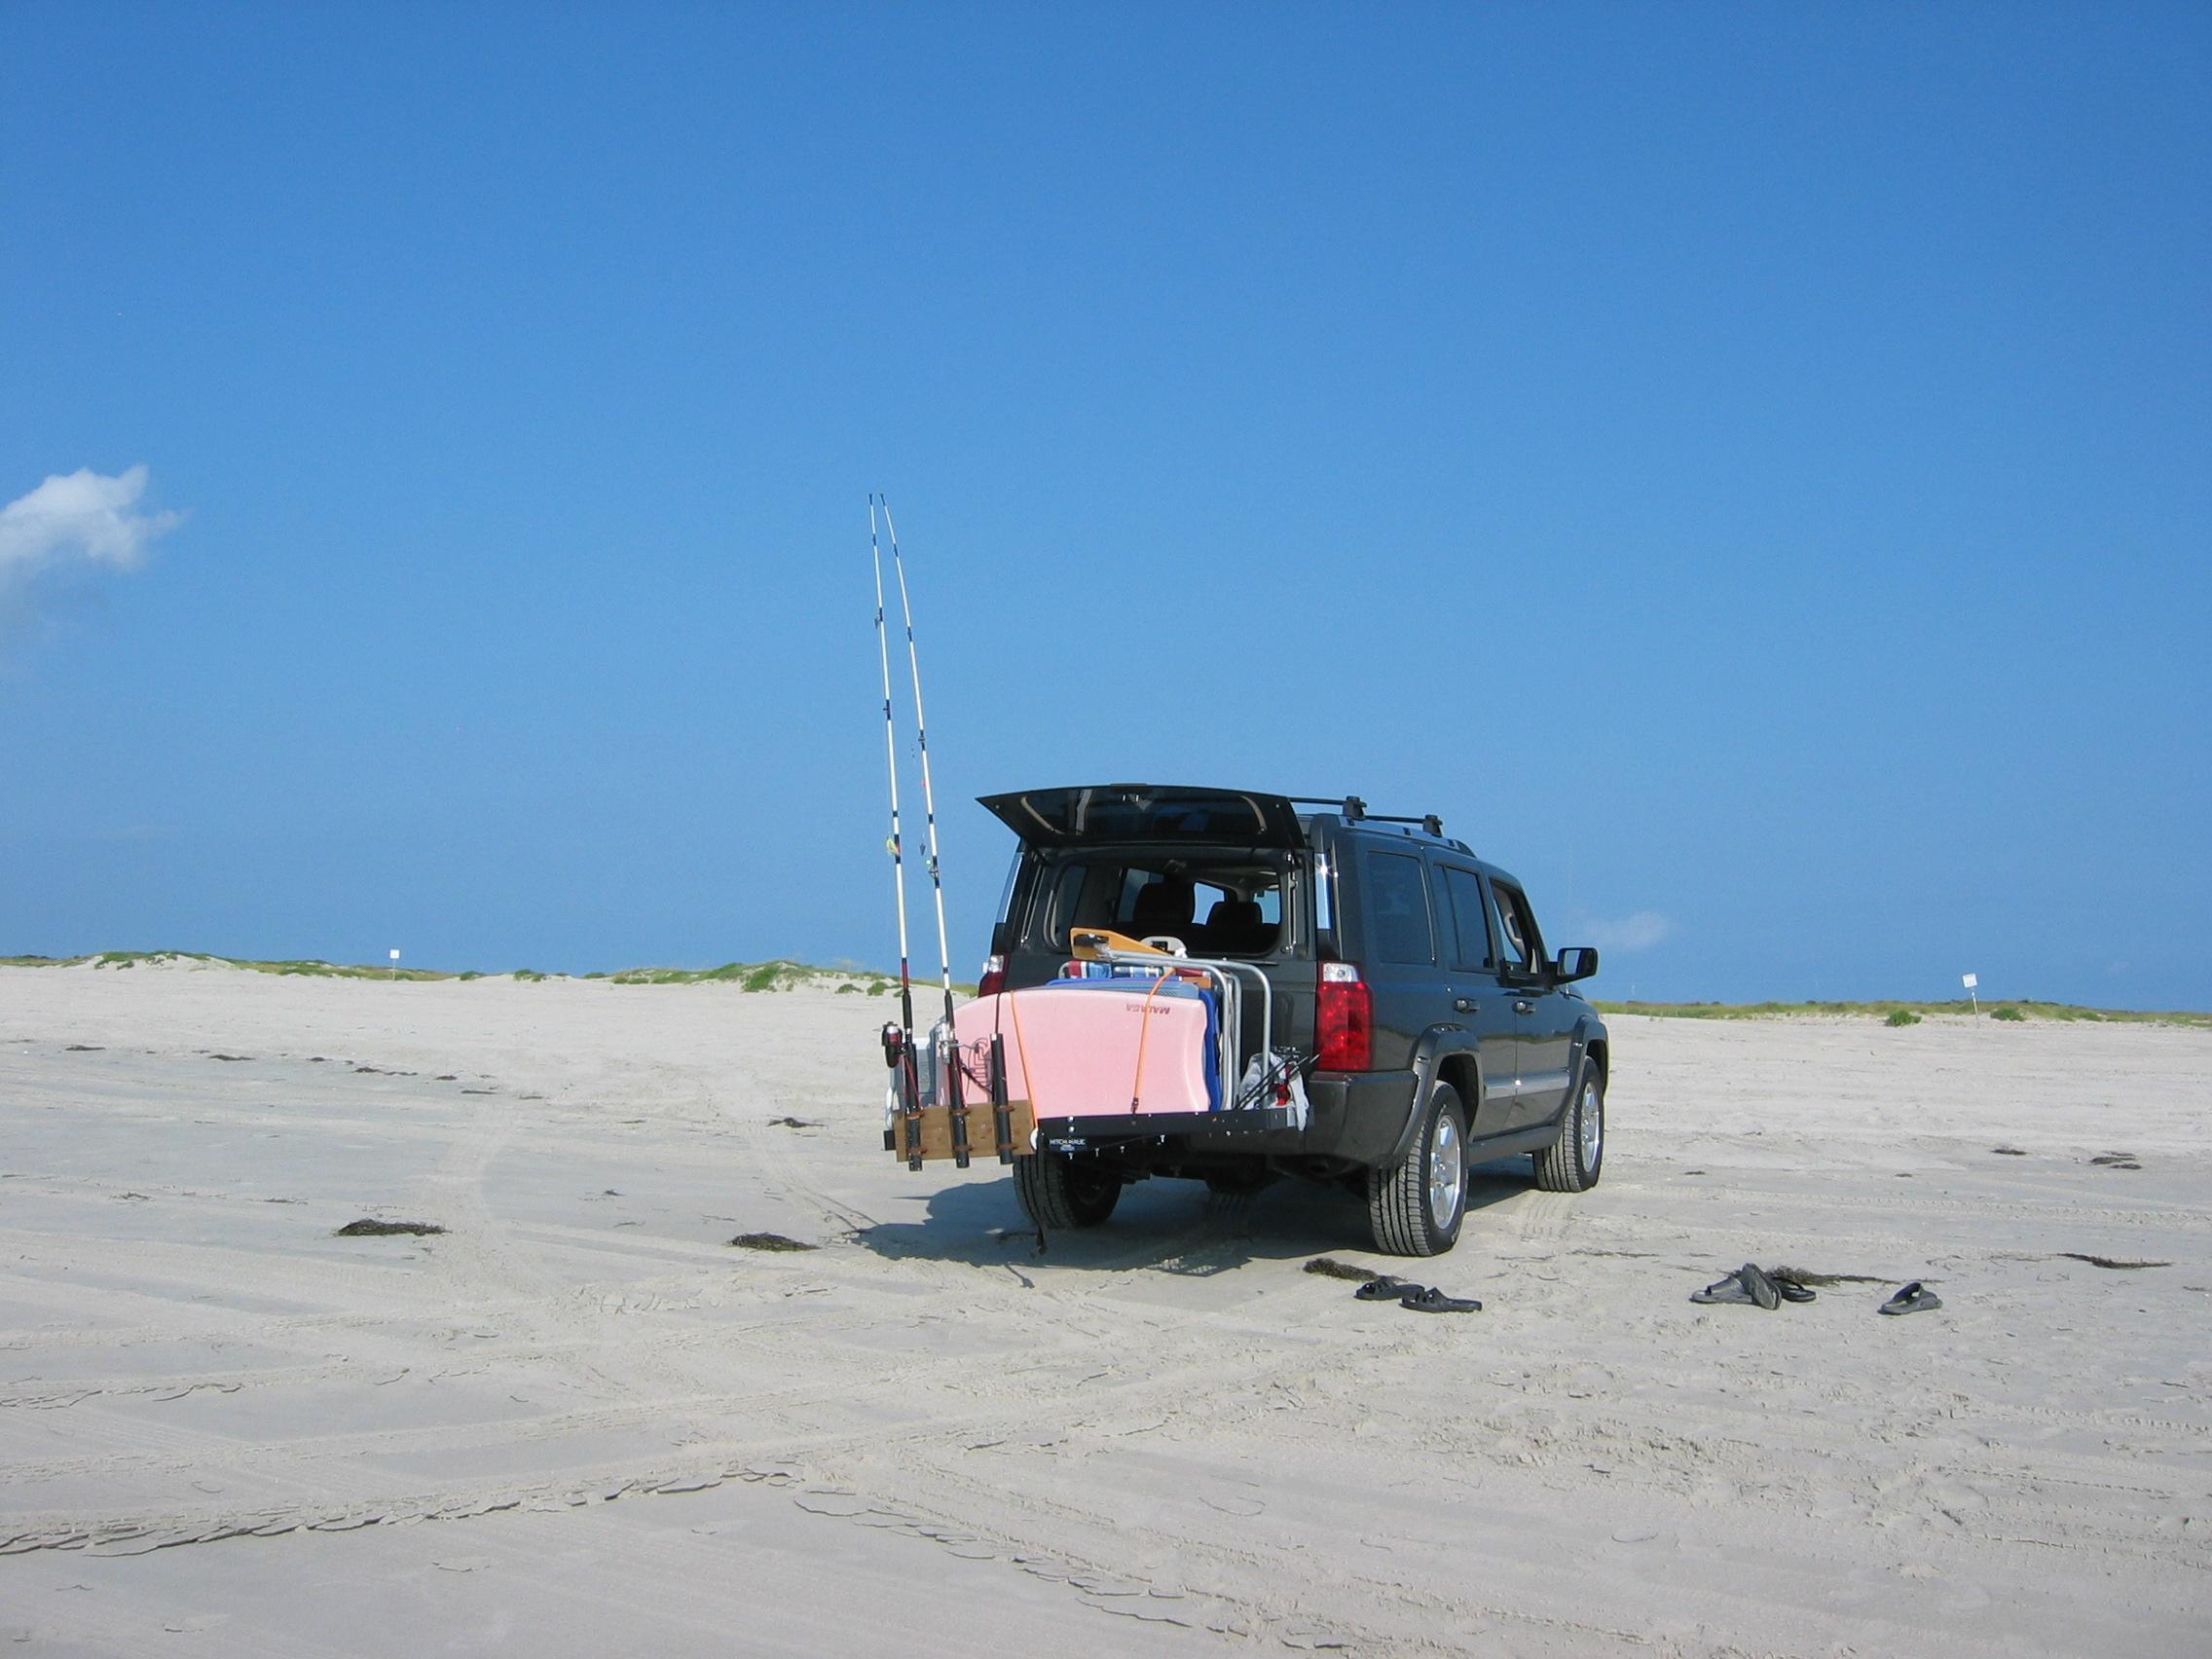 07-22-2006_Beach_001.jpg